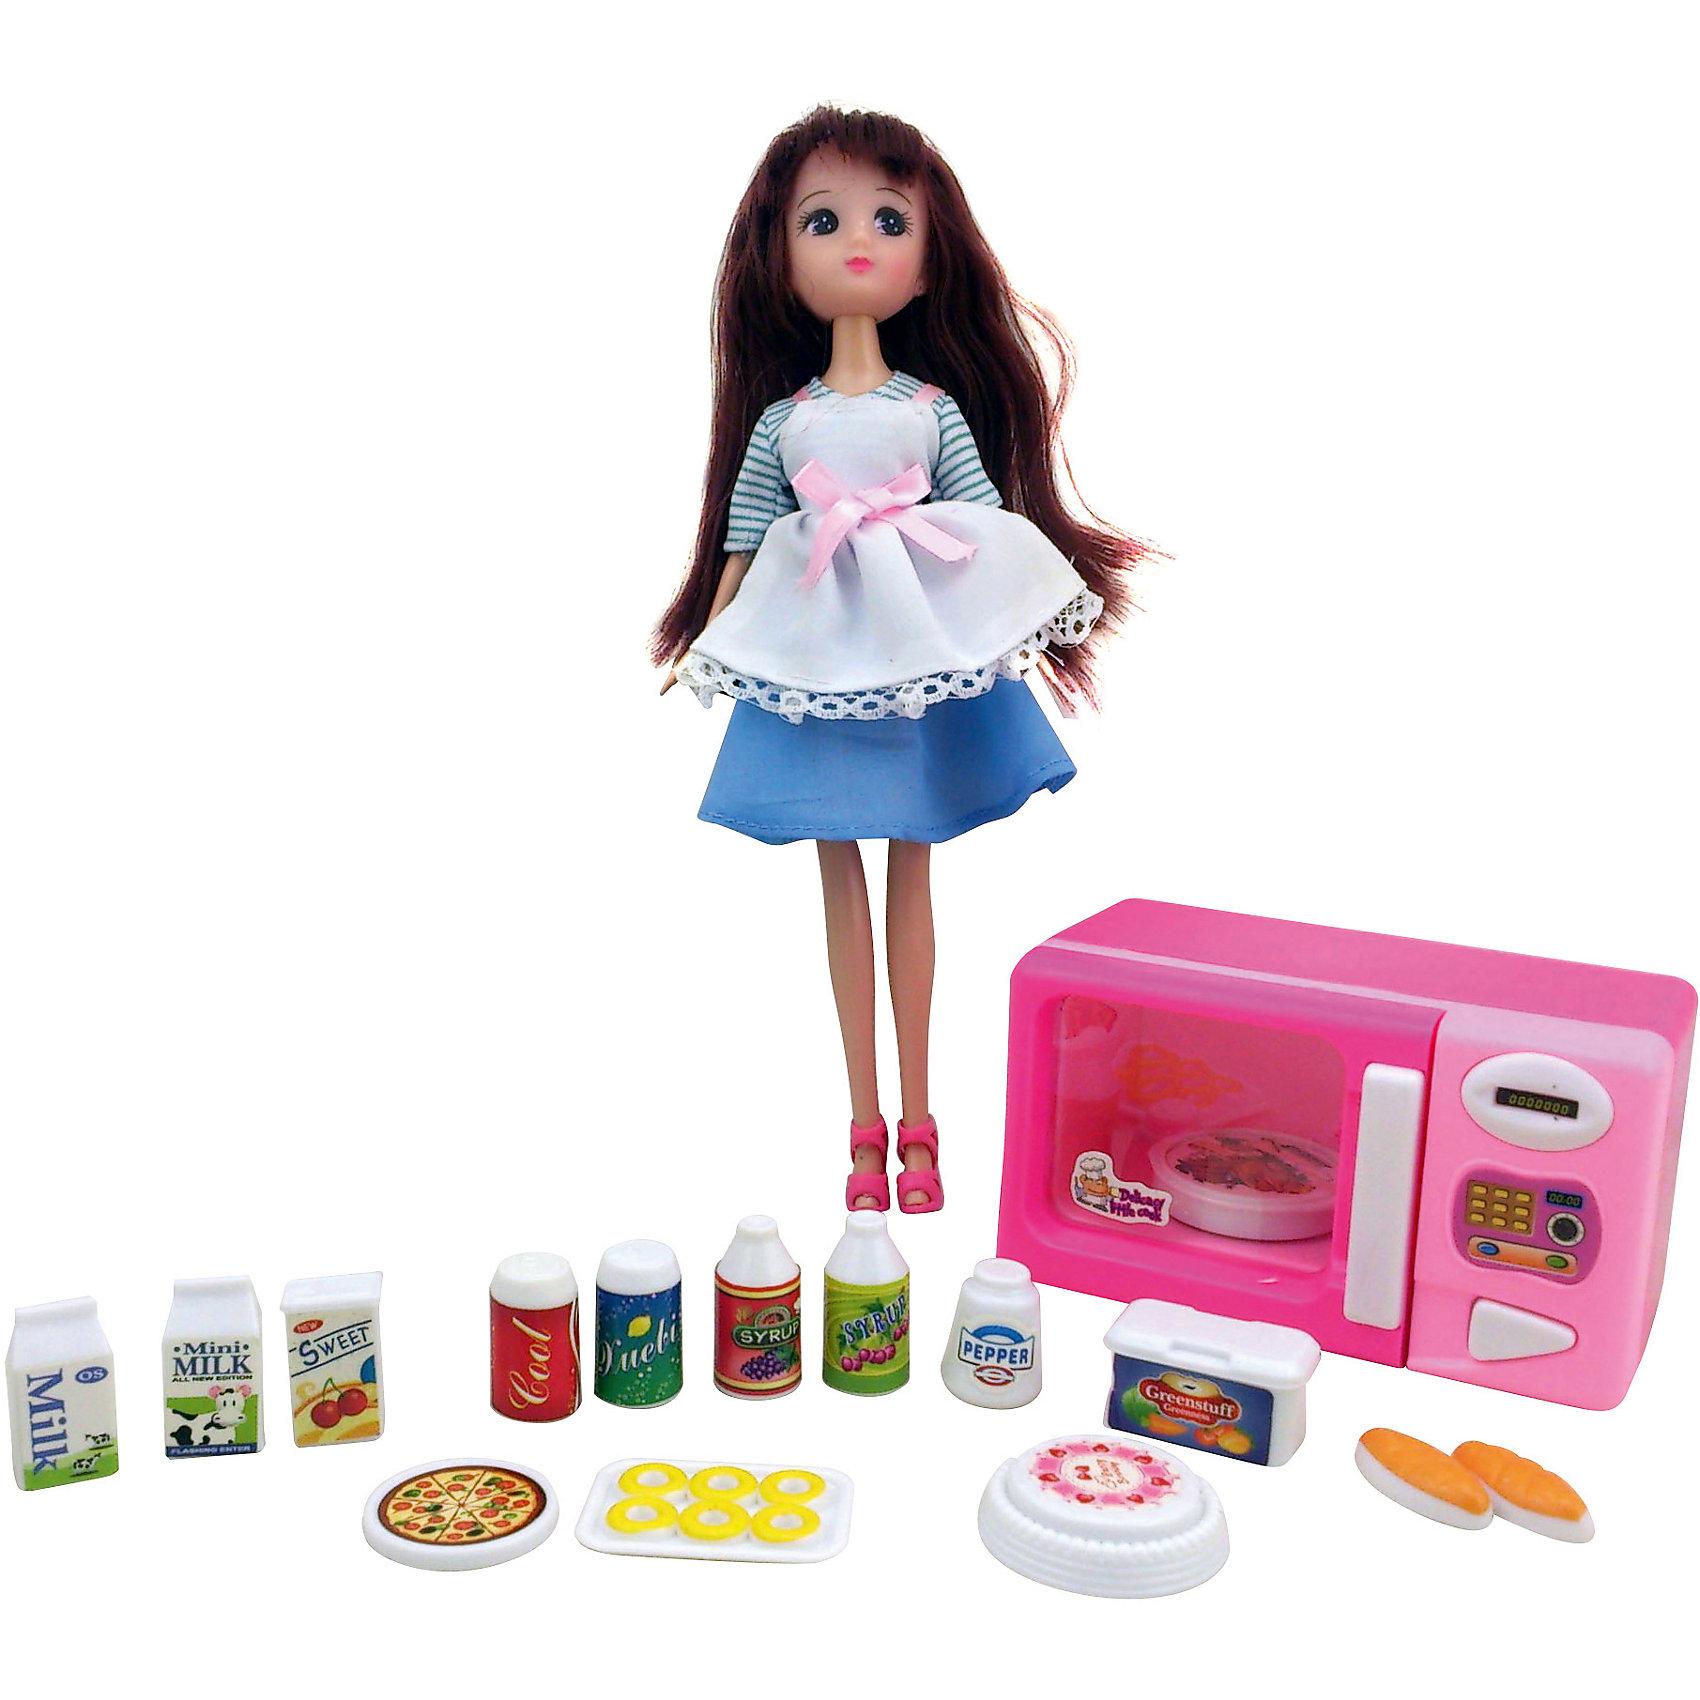 Игровой набор Кукла, микроволновая печка, продукты, KruttiИгрушечная бытовая техника<br>Яркий набор с куклой, микроволновой печкой и продуктами, будет прекрасным сюрпризом для Вашей малышки!<br>В наборе: кукла - 1шт. (высота 24 см), микроволновая печь - 1шт. (длина 11,5 см), пицца - 1шт., банка с напитком - 2шт., торт - 1шт., бутылка с сиропом - 2шт., пирожки - 2шт., поднос с пончиками - 1шт., пакет молока - 2шт., перечница - 1шт., коробочка с соком - 1шт., контейнер с овощами - 1шт.<br><br>Дополнительная информация:<br><br>- Возраст: от 3 лет.<br>- Материал: пластик с элементами металла, текстиль.<br>- Размер упаковки: 11.5х4х23.5 см.<br>- Вес в упаковке: 568 г.<br><br>Купить игровой набор Кукла, микроволновая печка, продукты от Krutti, можно в нашем магазине.<br><br>Ширина мм: 115<br>Глубина мм: 40<br>Высота мм: 235<br>Вес г: 568<br>Возраст от месяцев: 36<br>Возраст до месяцев: 2147483647<br>Пол: Унисекс<br>Возраст: Детский<br>SKU: 4985466